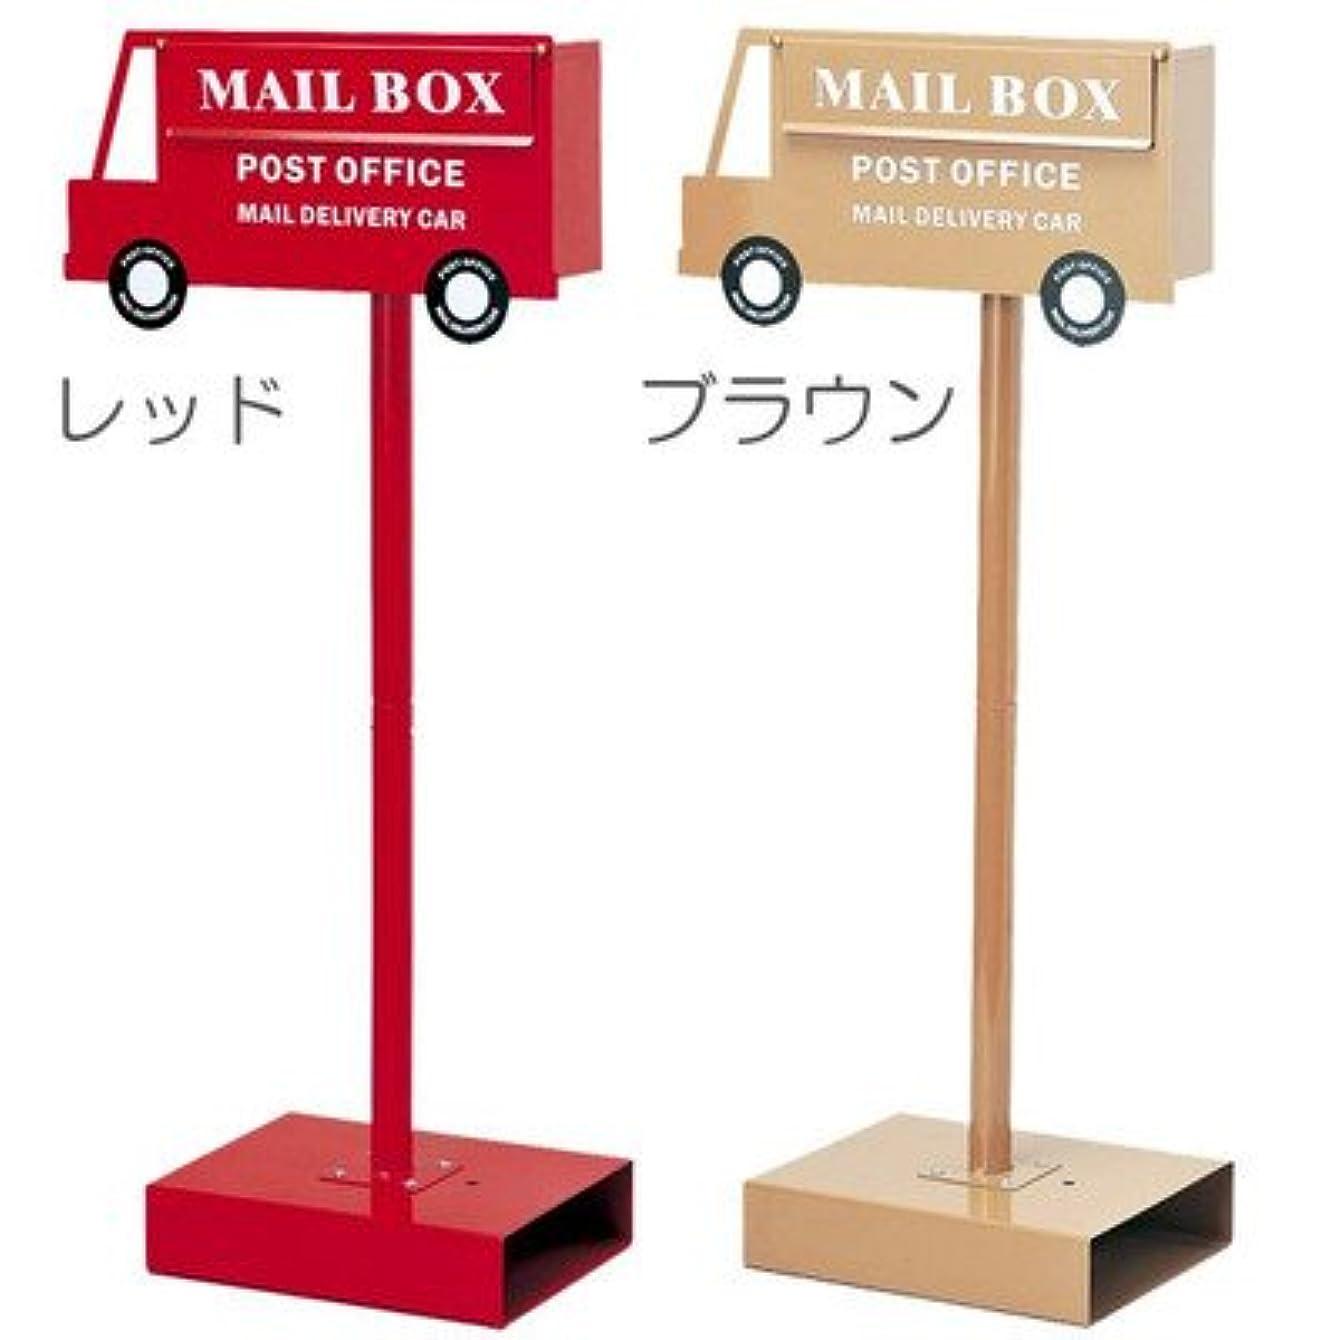 ギャラリー暴力的な四回郵便ポスト 郵便受け スタンド型 鍵付き POST OFFICE レッド